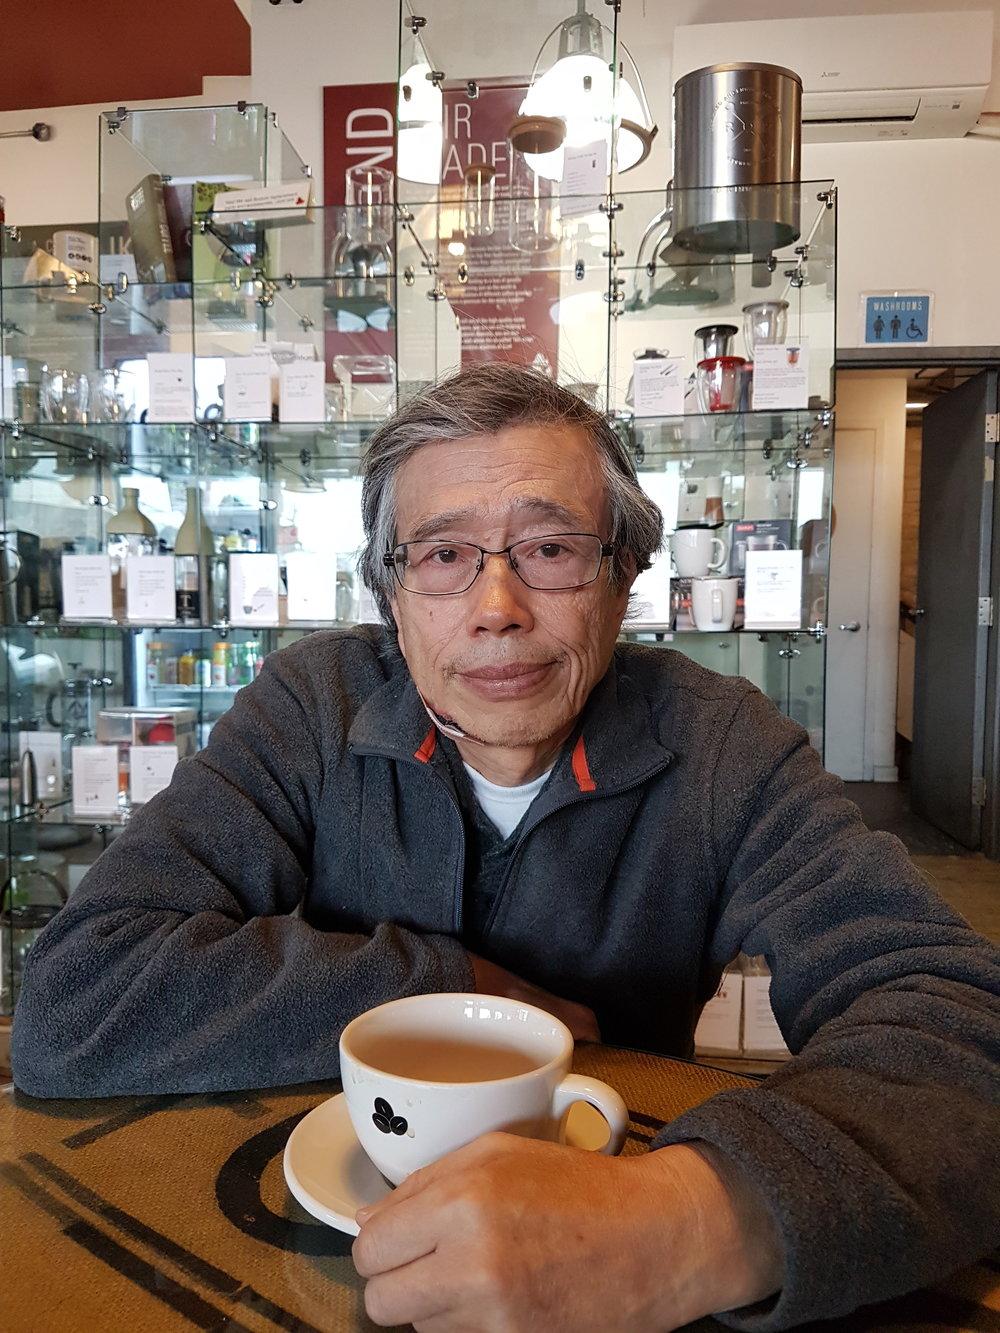 Ted Iizuka